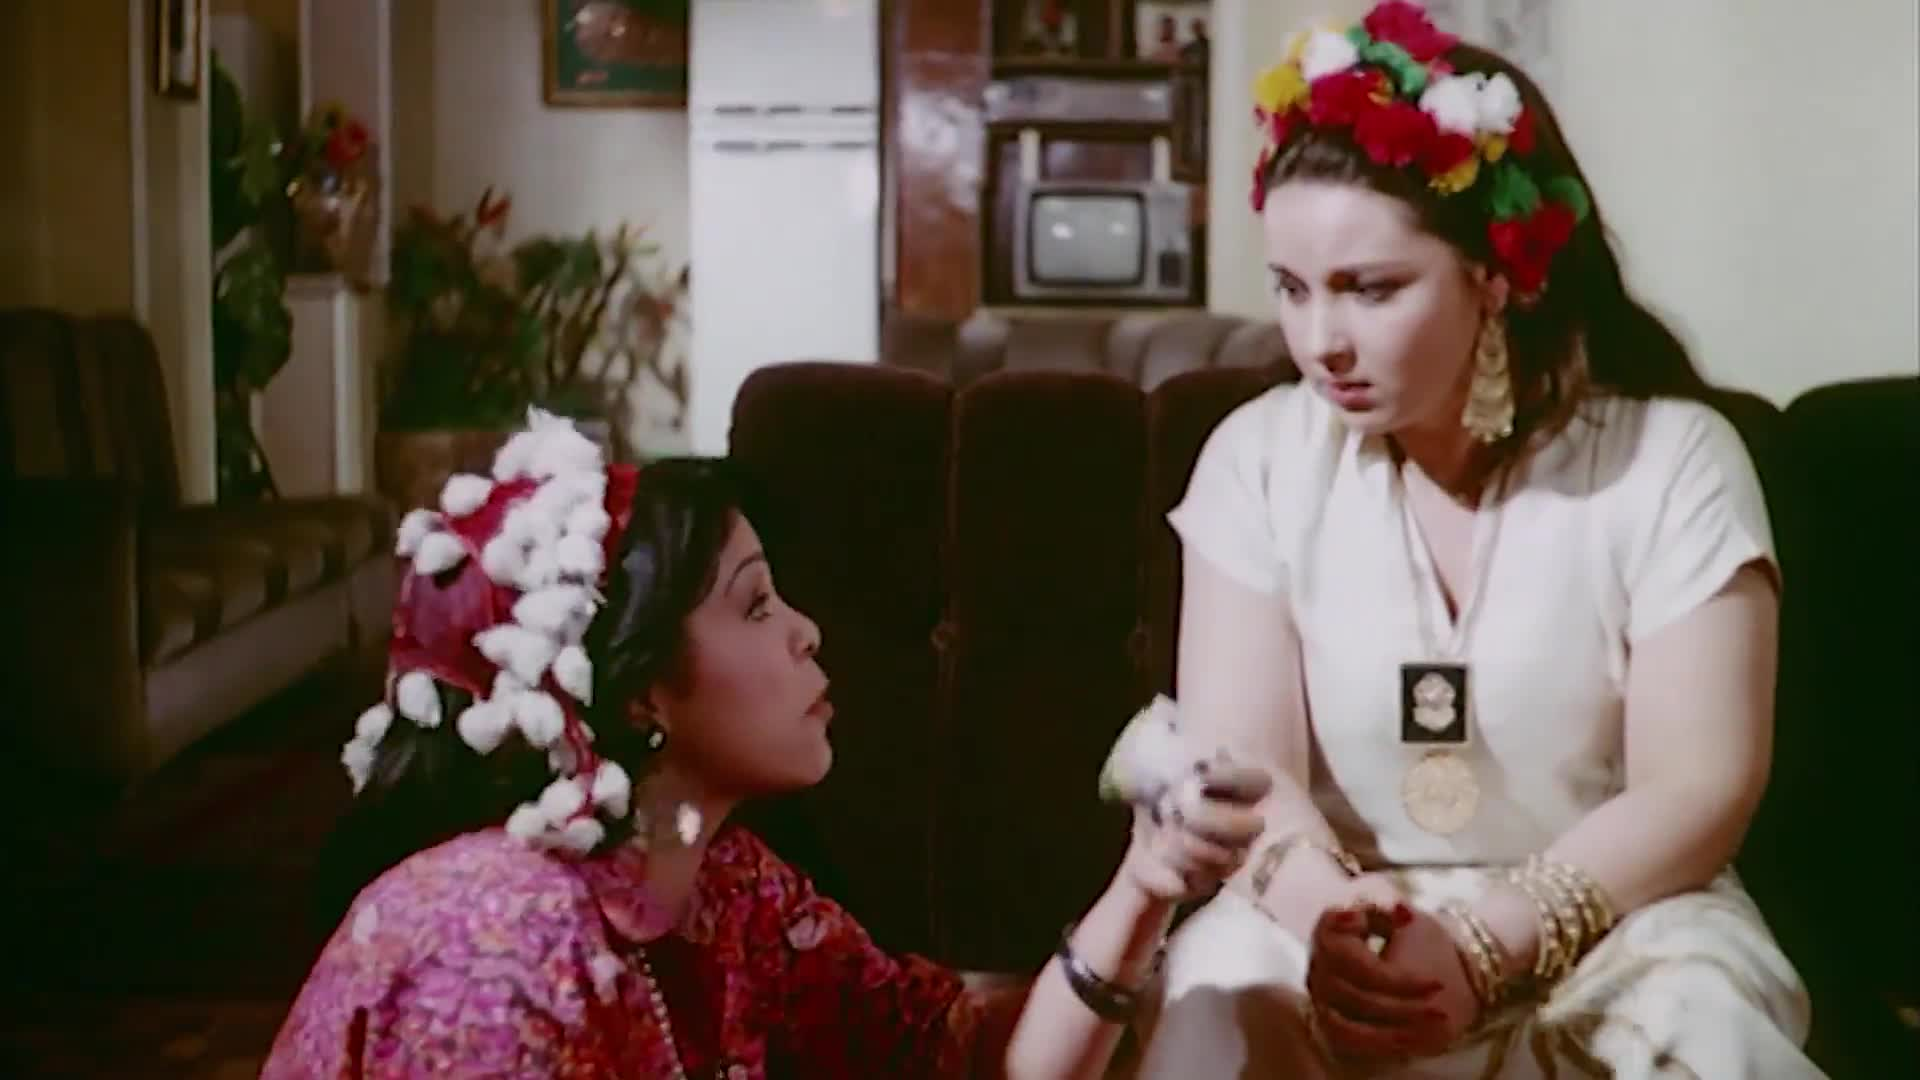 [فيلم][تورنت][تحميل][العار][1982][1080p][Web-DL] 3 arabp2p.com